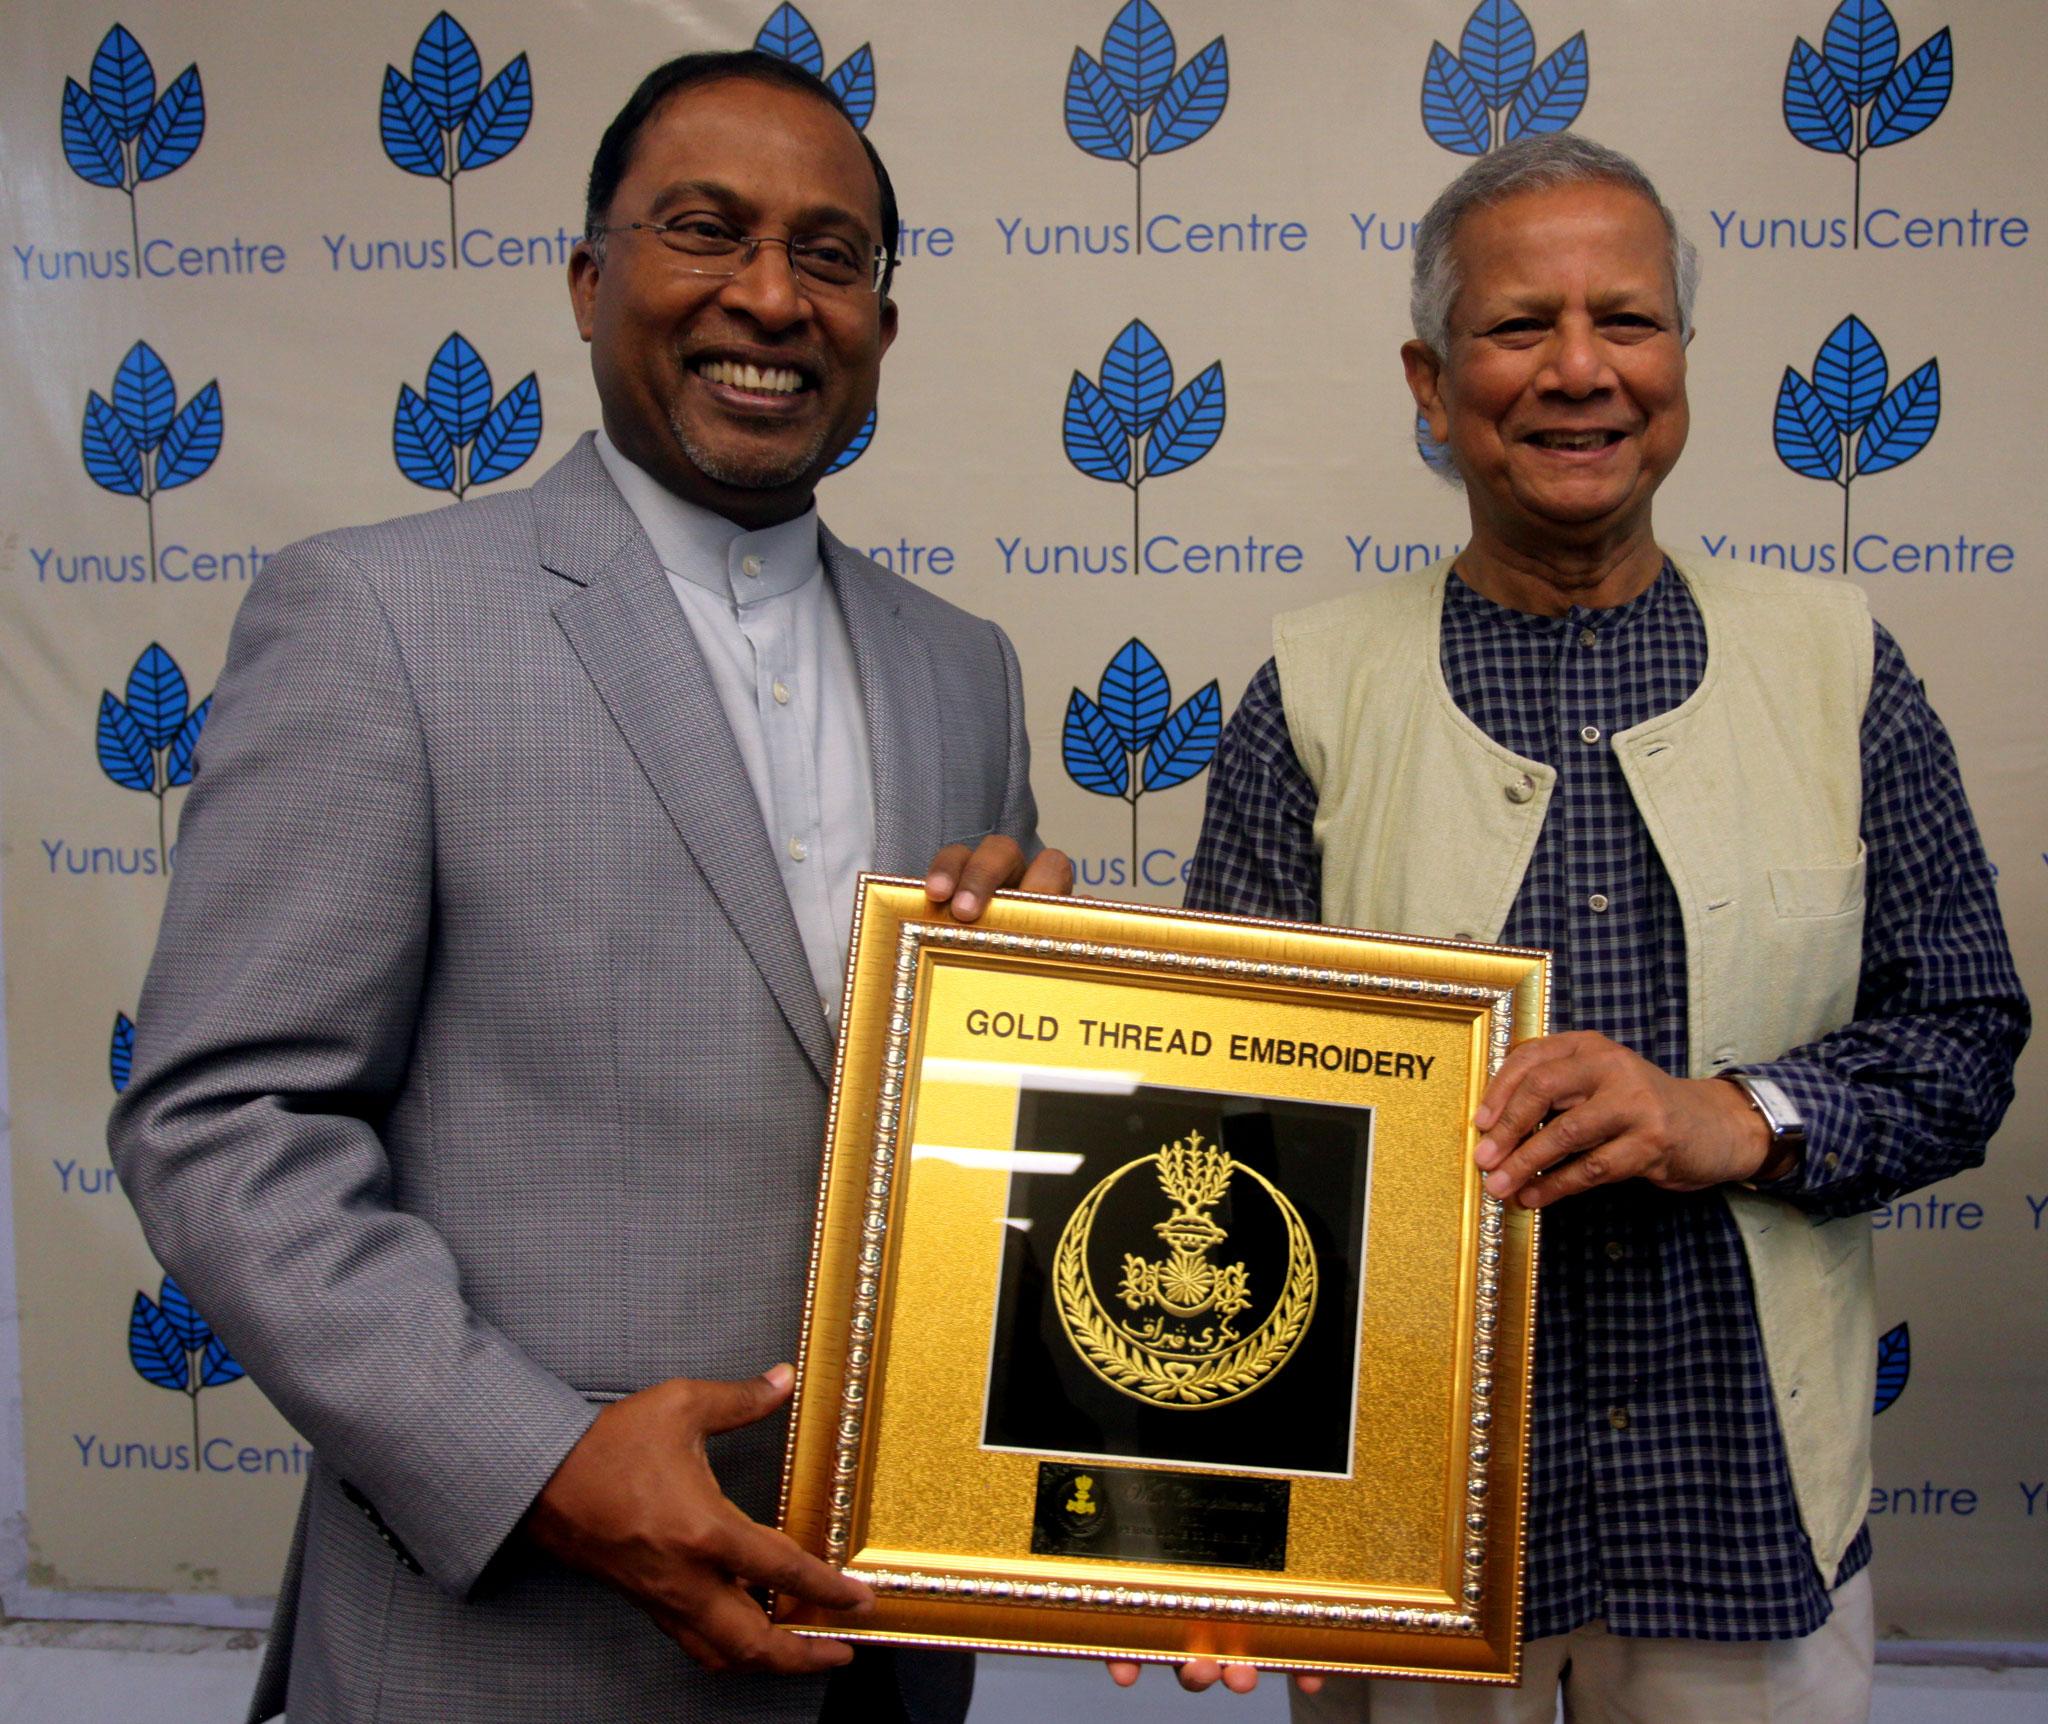 馬來西亞霹靂州州長與尤努斯博士